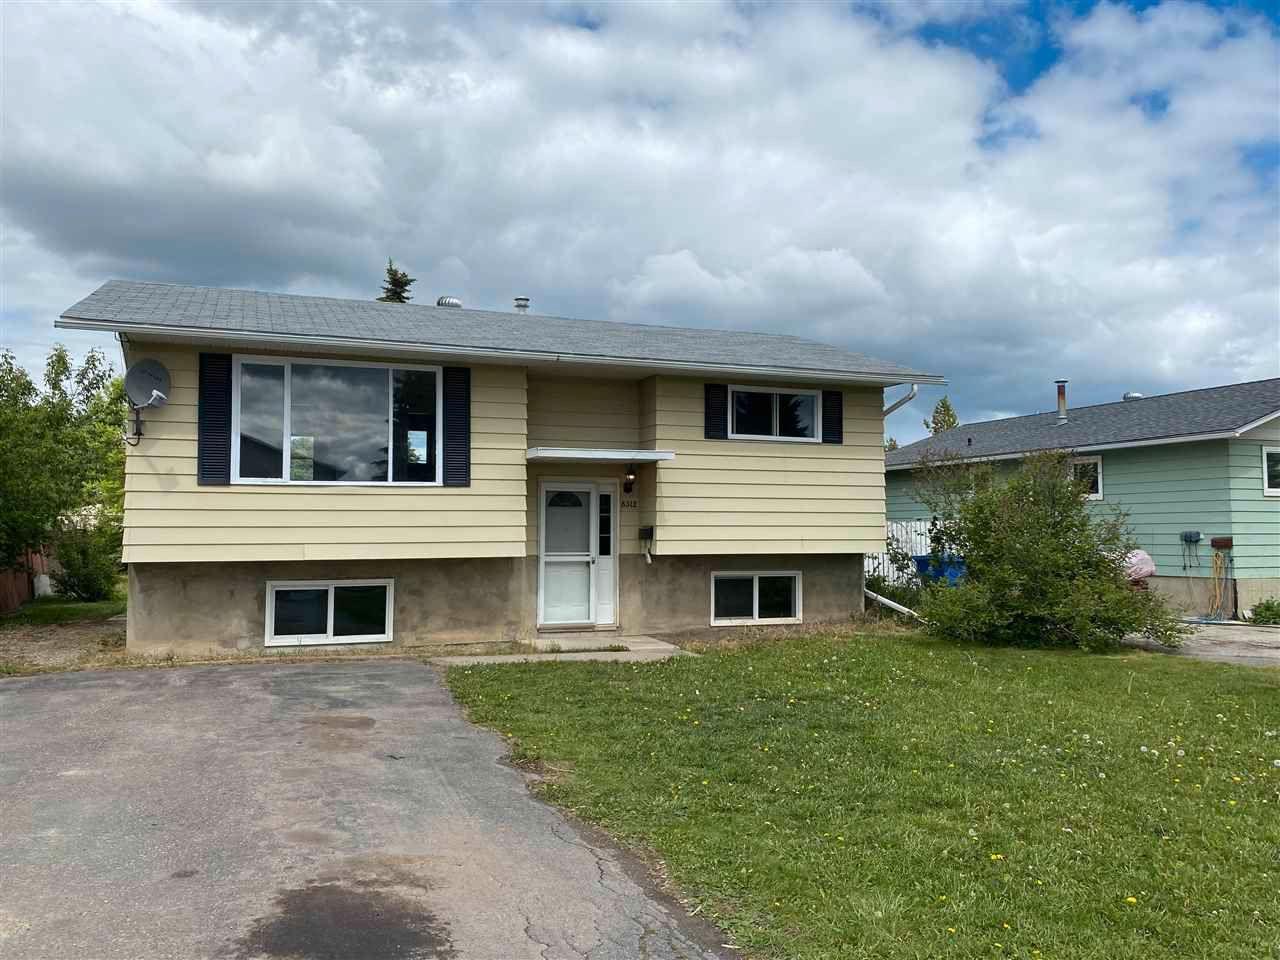 Main Photo: 8312 95 Avenue in Fort St. John: Fort St. John - City SE House for sale (Fort St. John (Zone 60))  : MLS®# R2590443